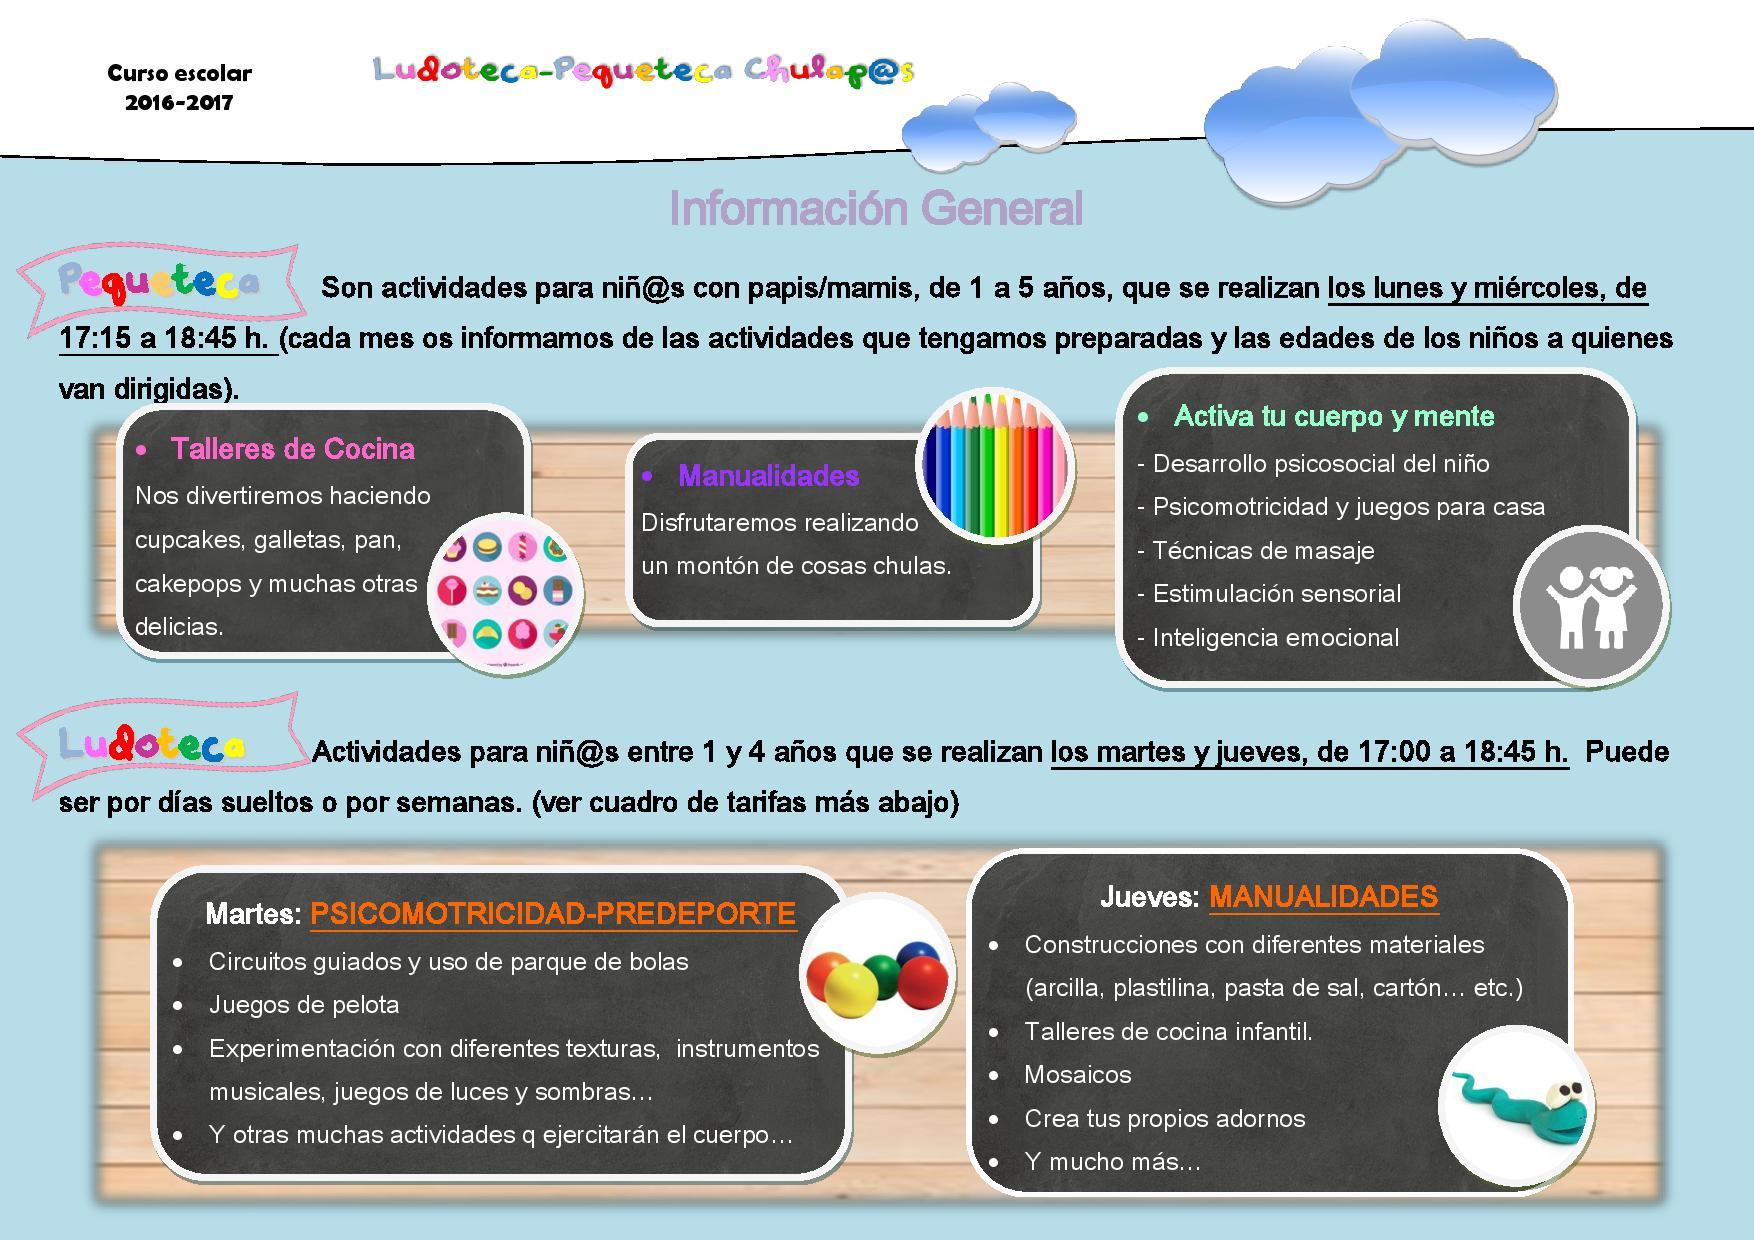 ei-chulapos-info-ludoteca-pequeteca-2016-2017-1